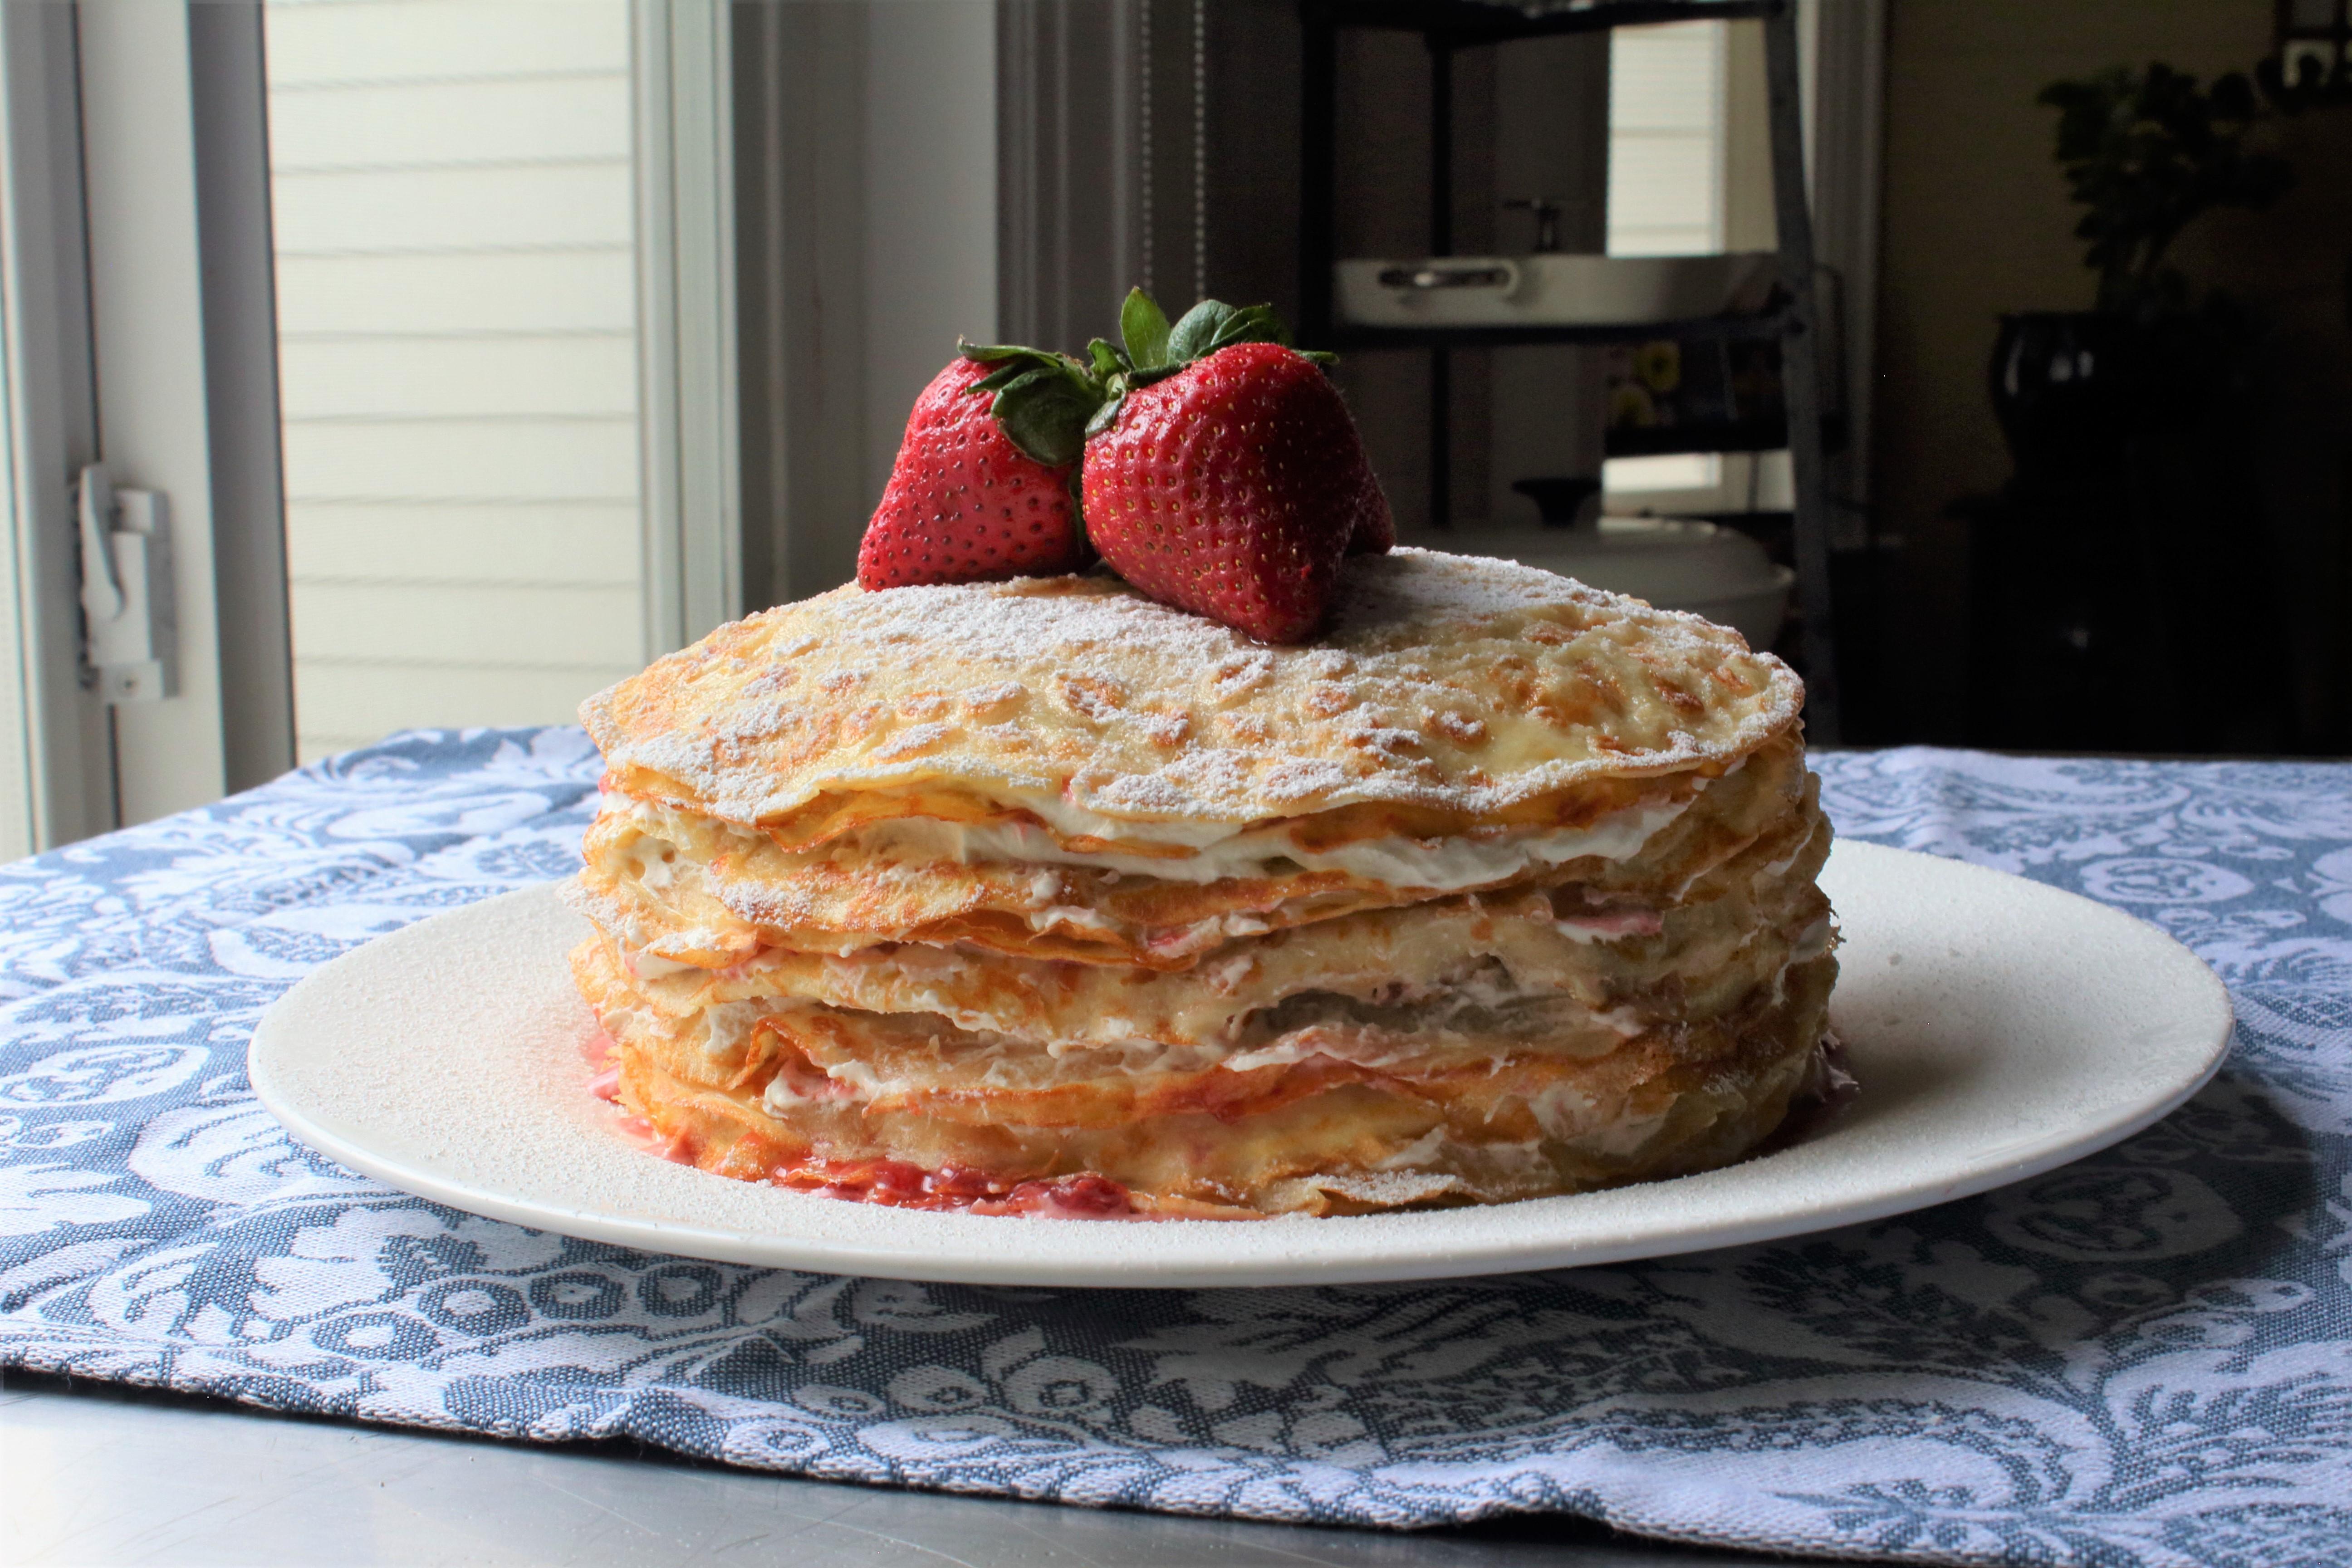 Chef John's Strawberry Crepe Cake Chef John